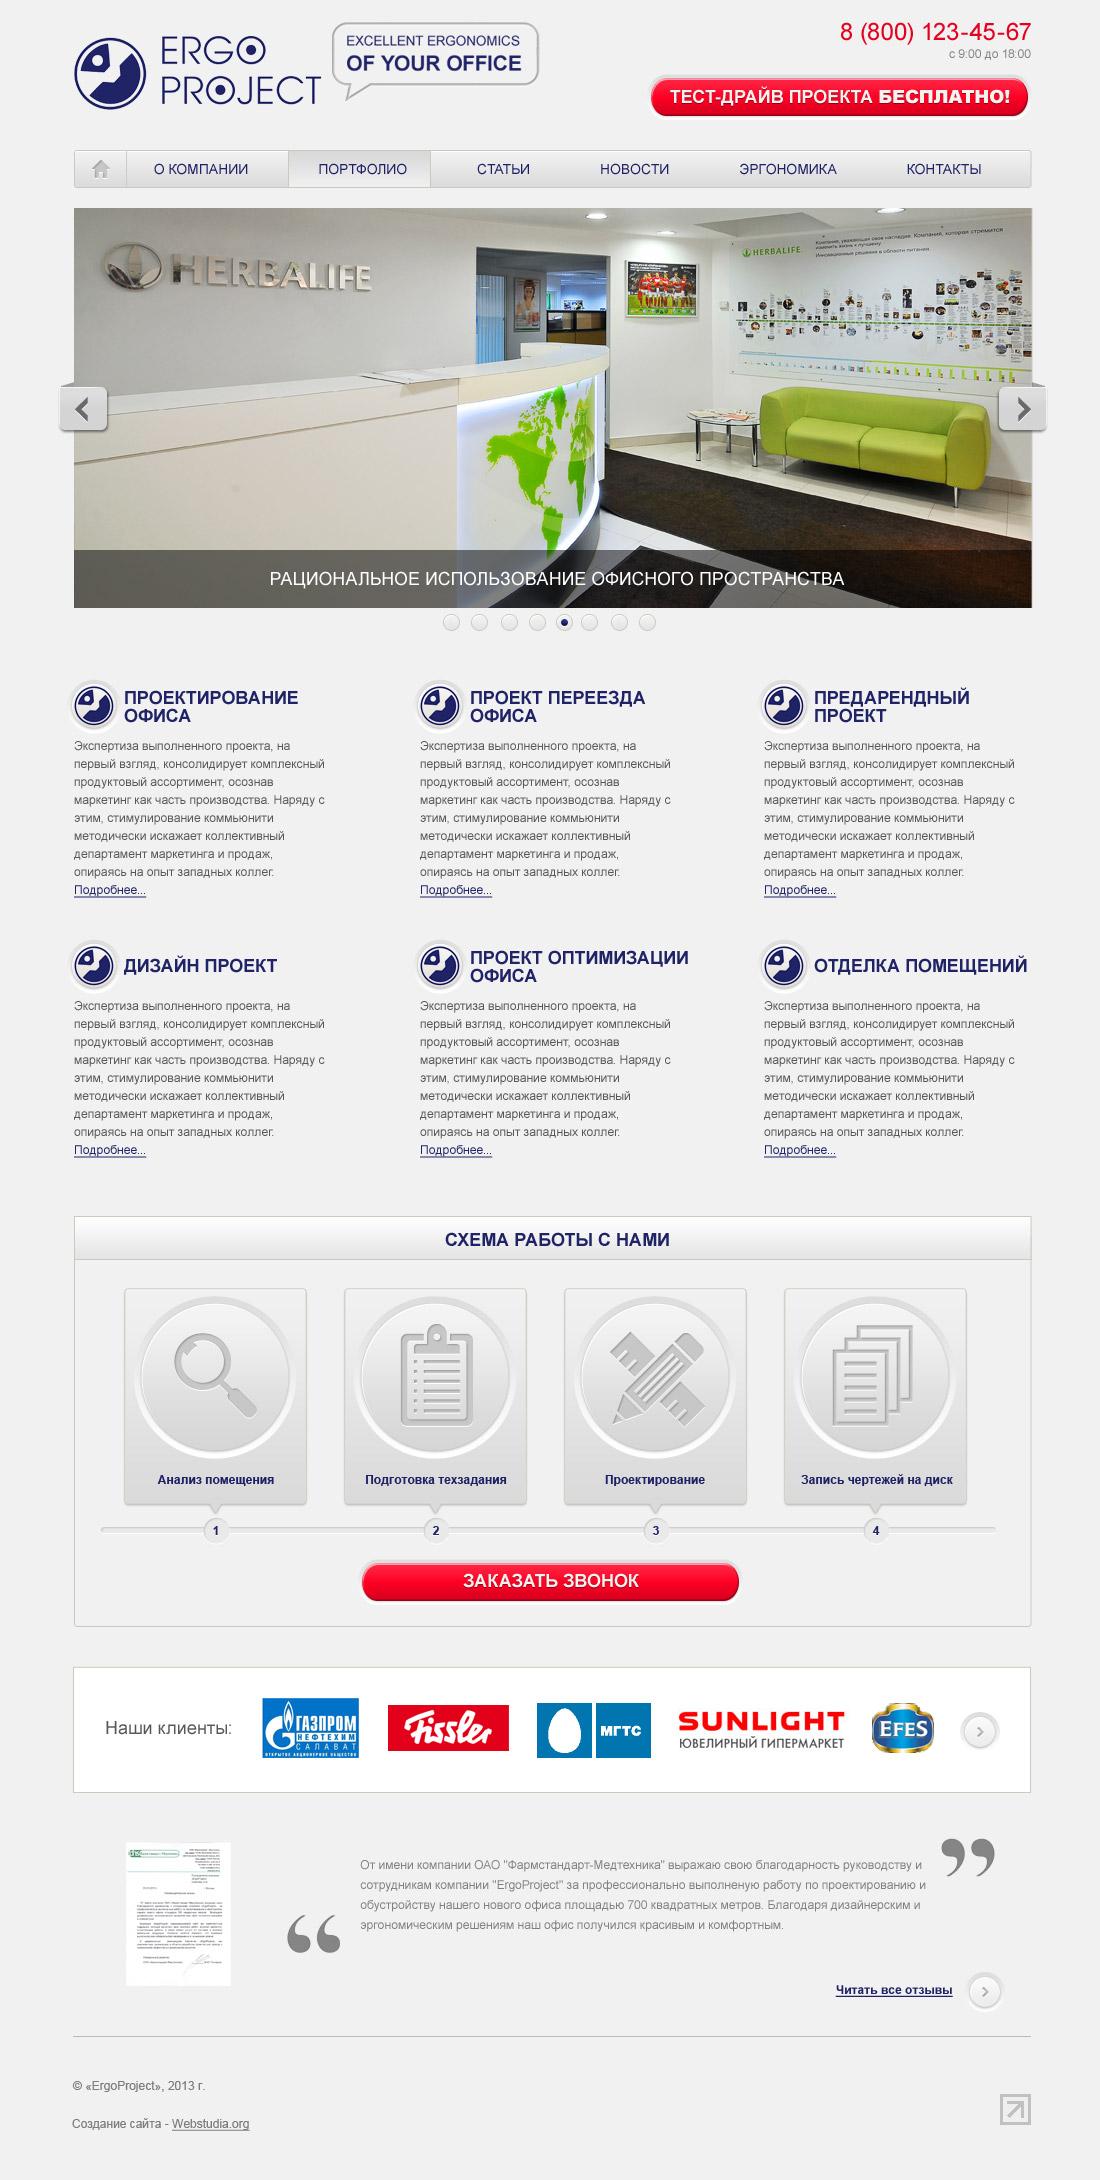 АДАПТИВНЫЙ сайт Ergoproject.ru